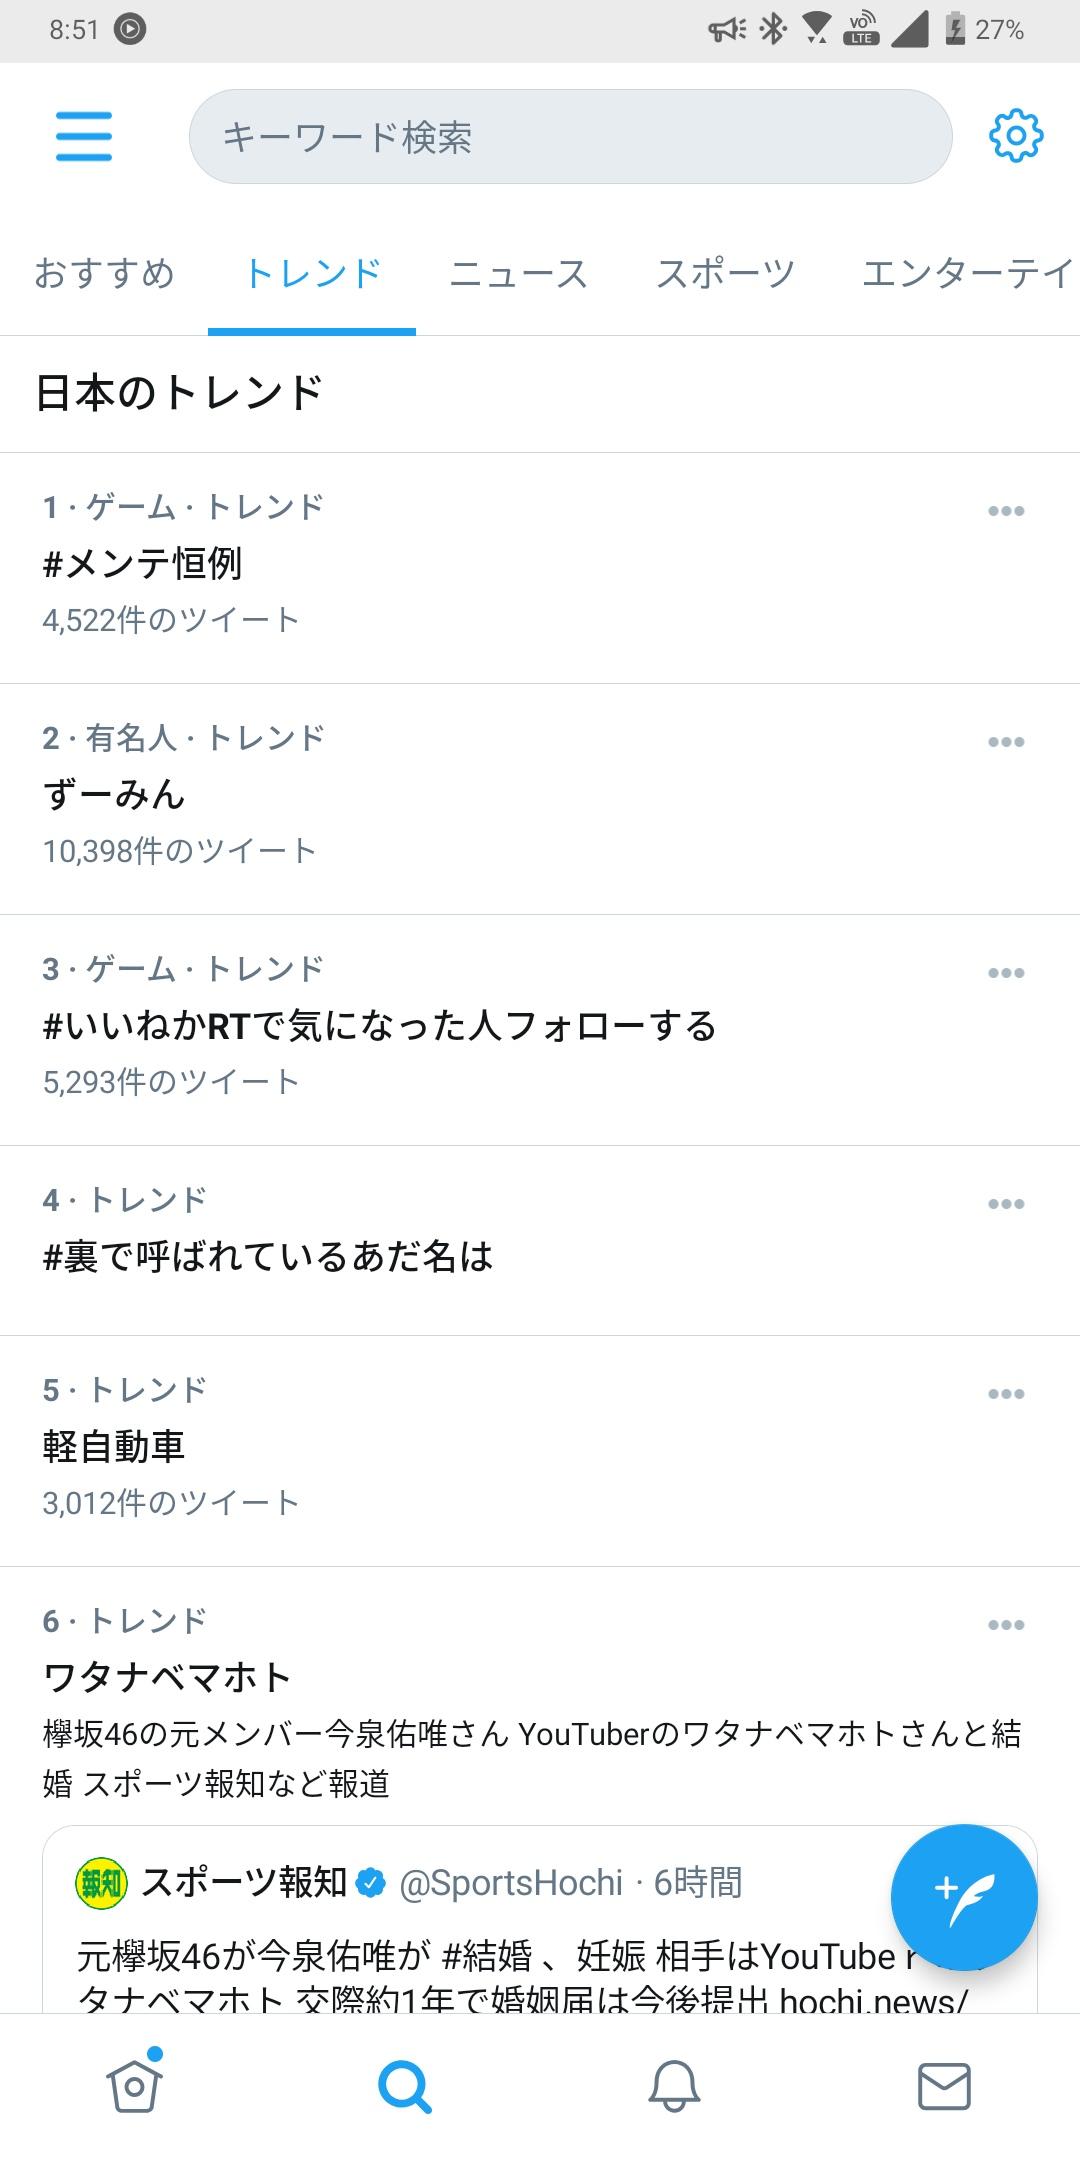 2021/01/21Twitterトレンド